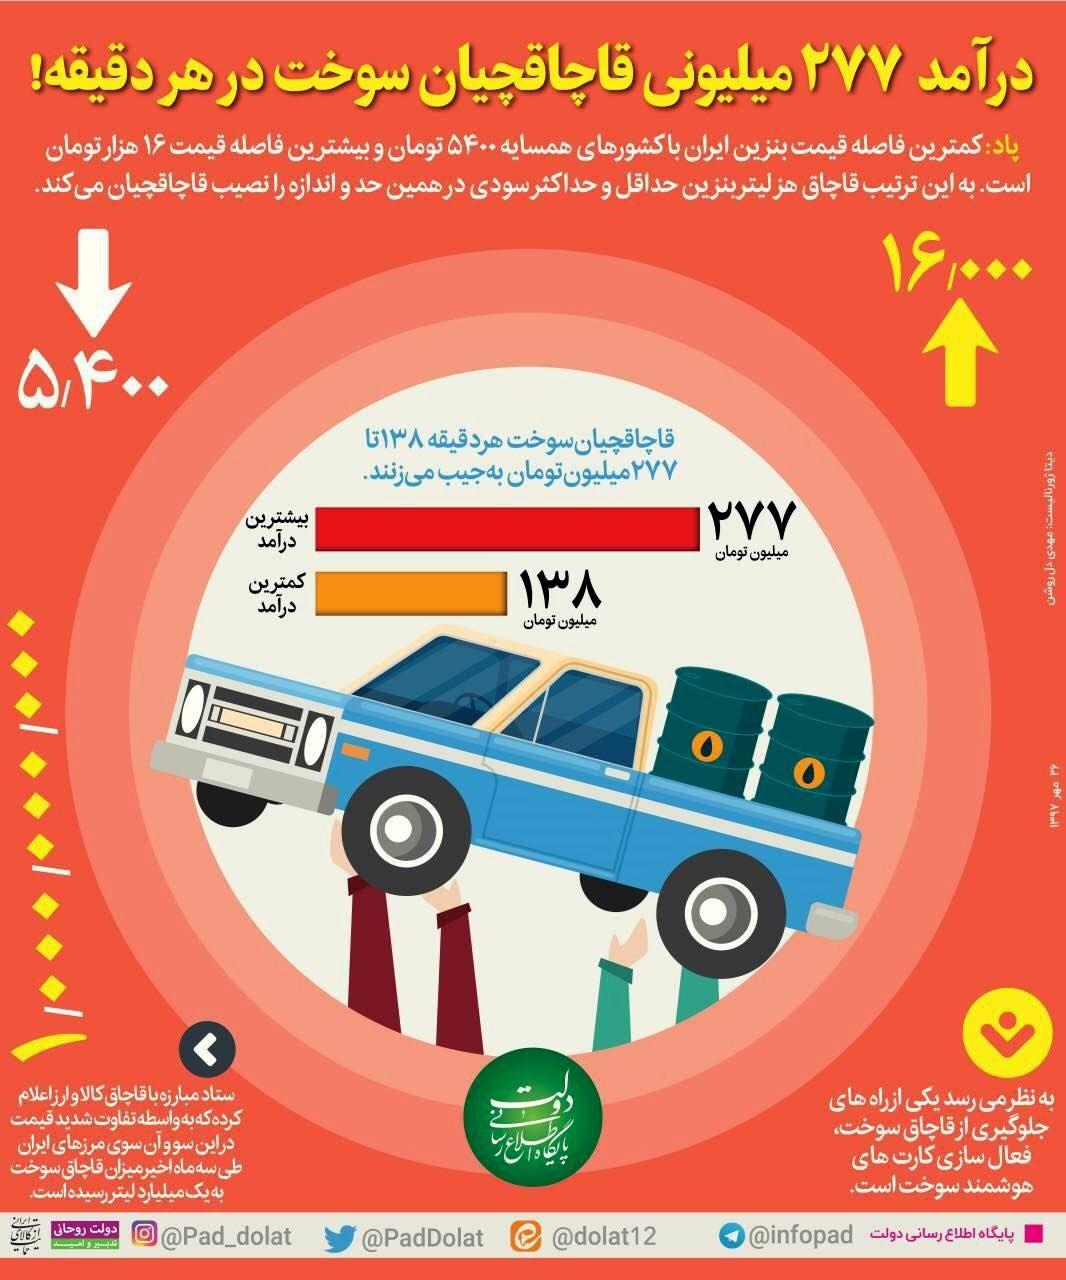 لبه تیز کارت سوخت زیر گلوی قاچاقچیان سرمایه ملی / وزارت نفت مصارف مشکوک را شناسایی میکند